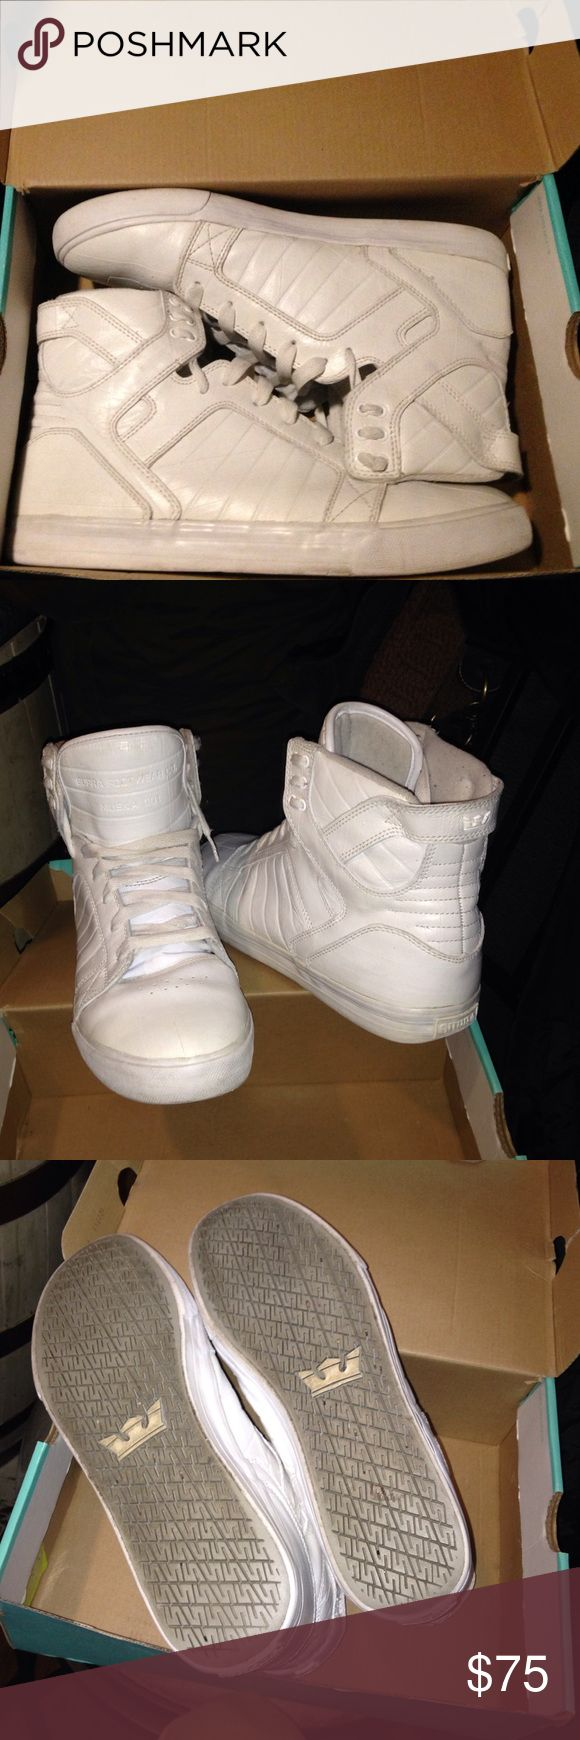 Supra muska 001 Supra duct tape edition Supra Shoes Sneakers